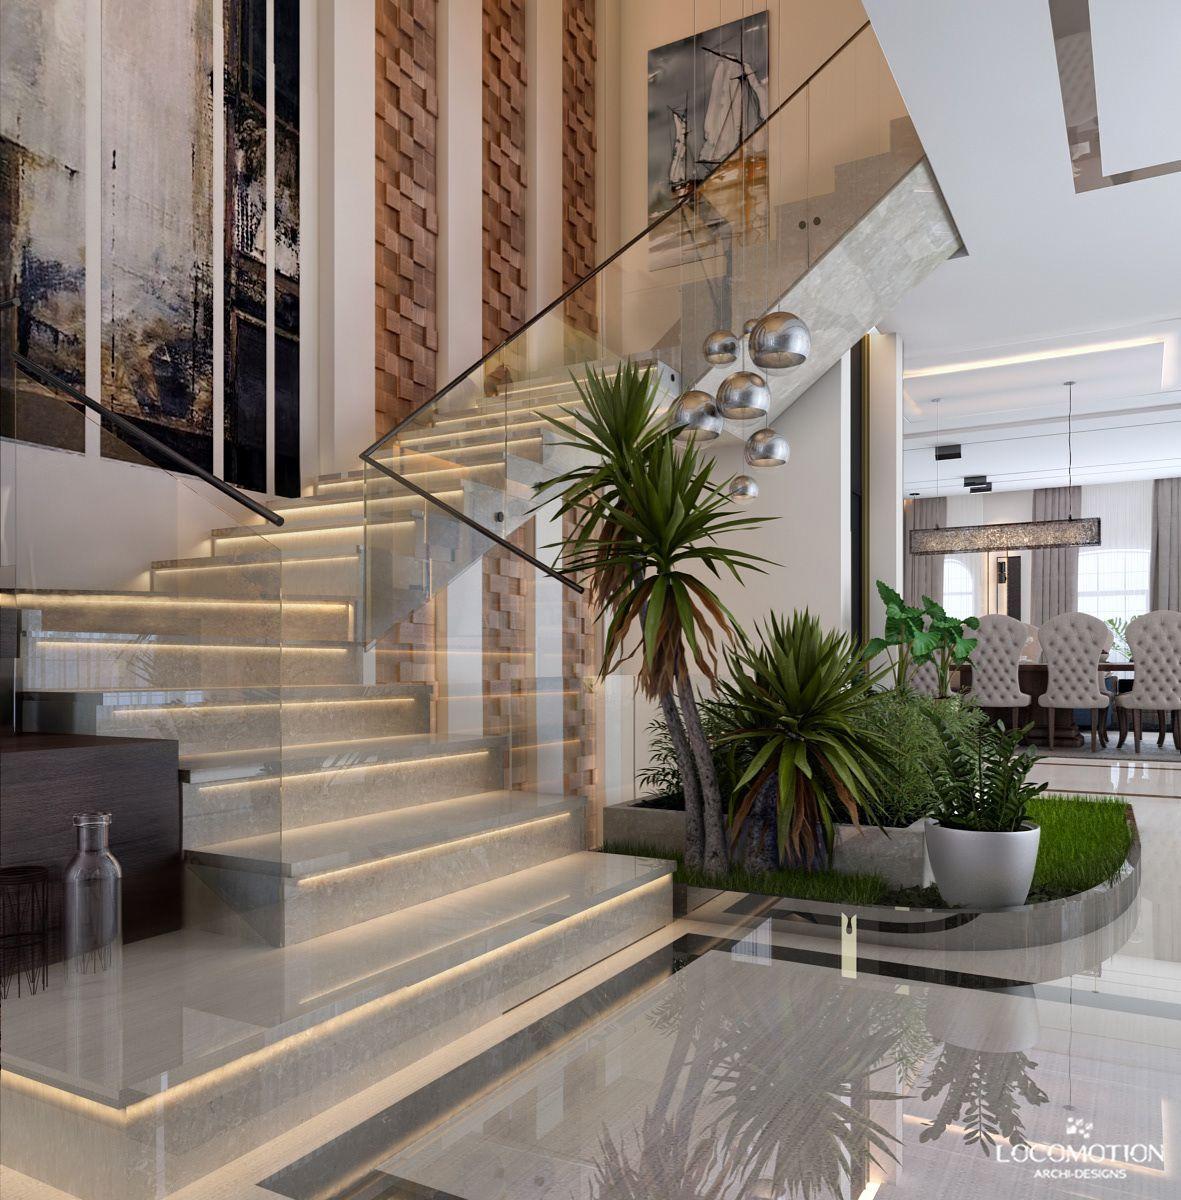 Villa reception on Behance   Interieur maison design, Maison d ...